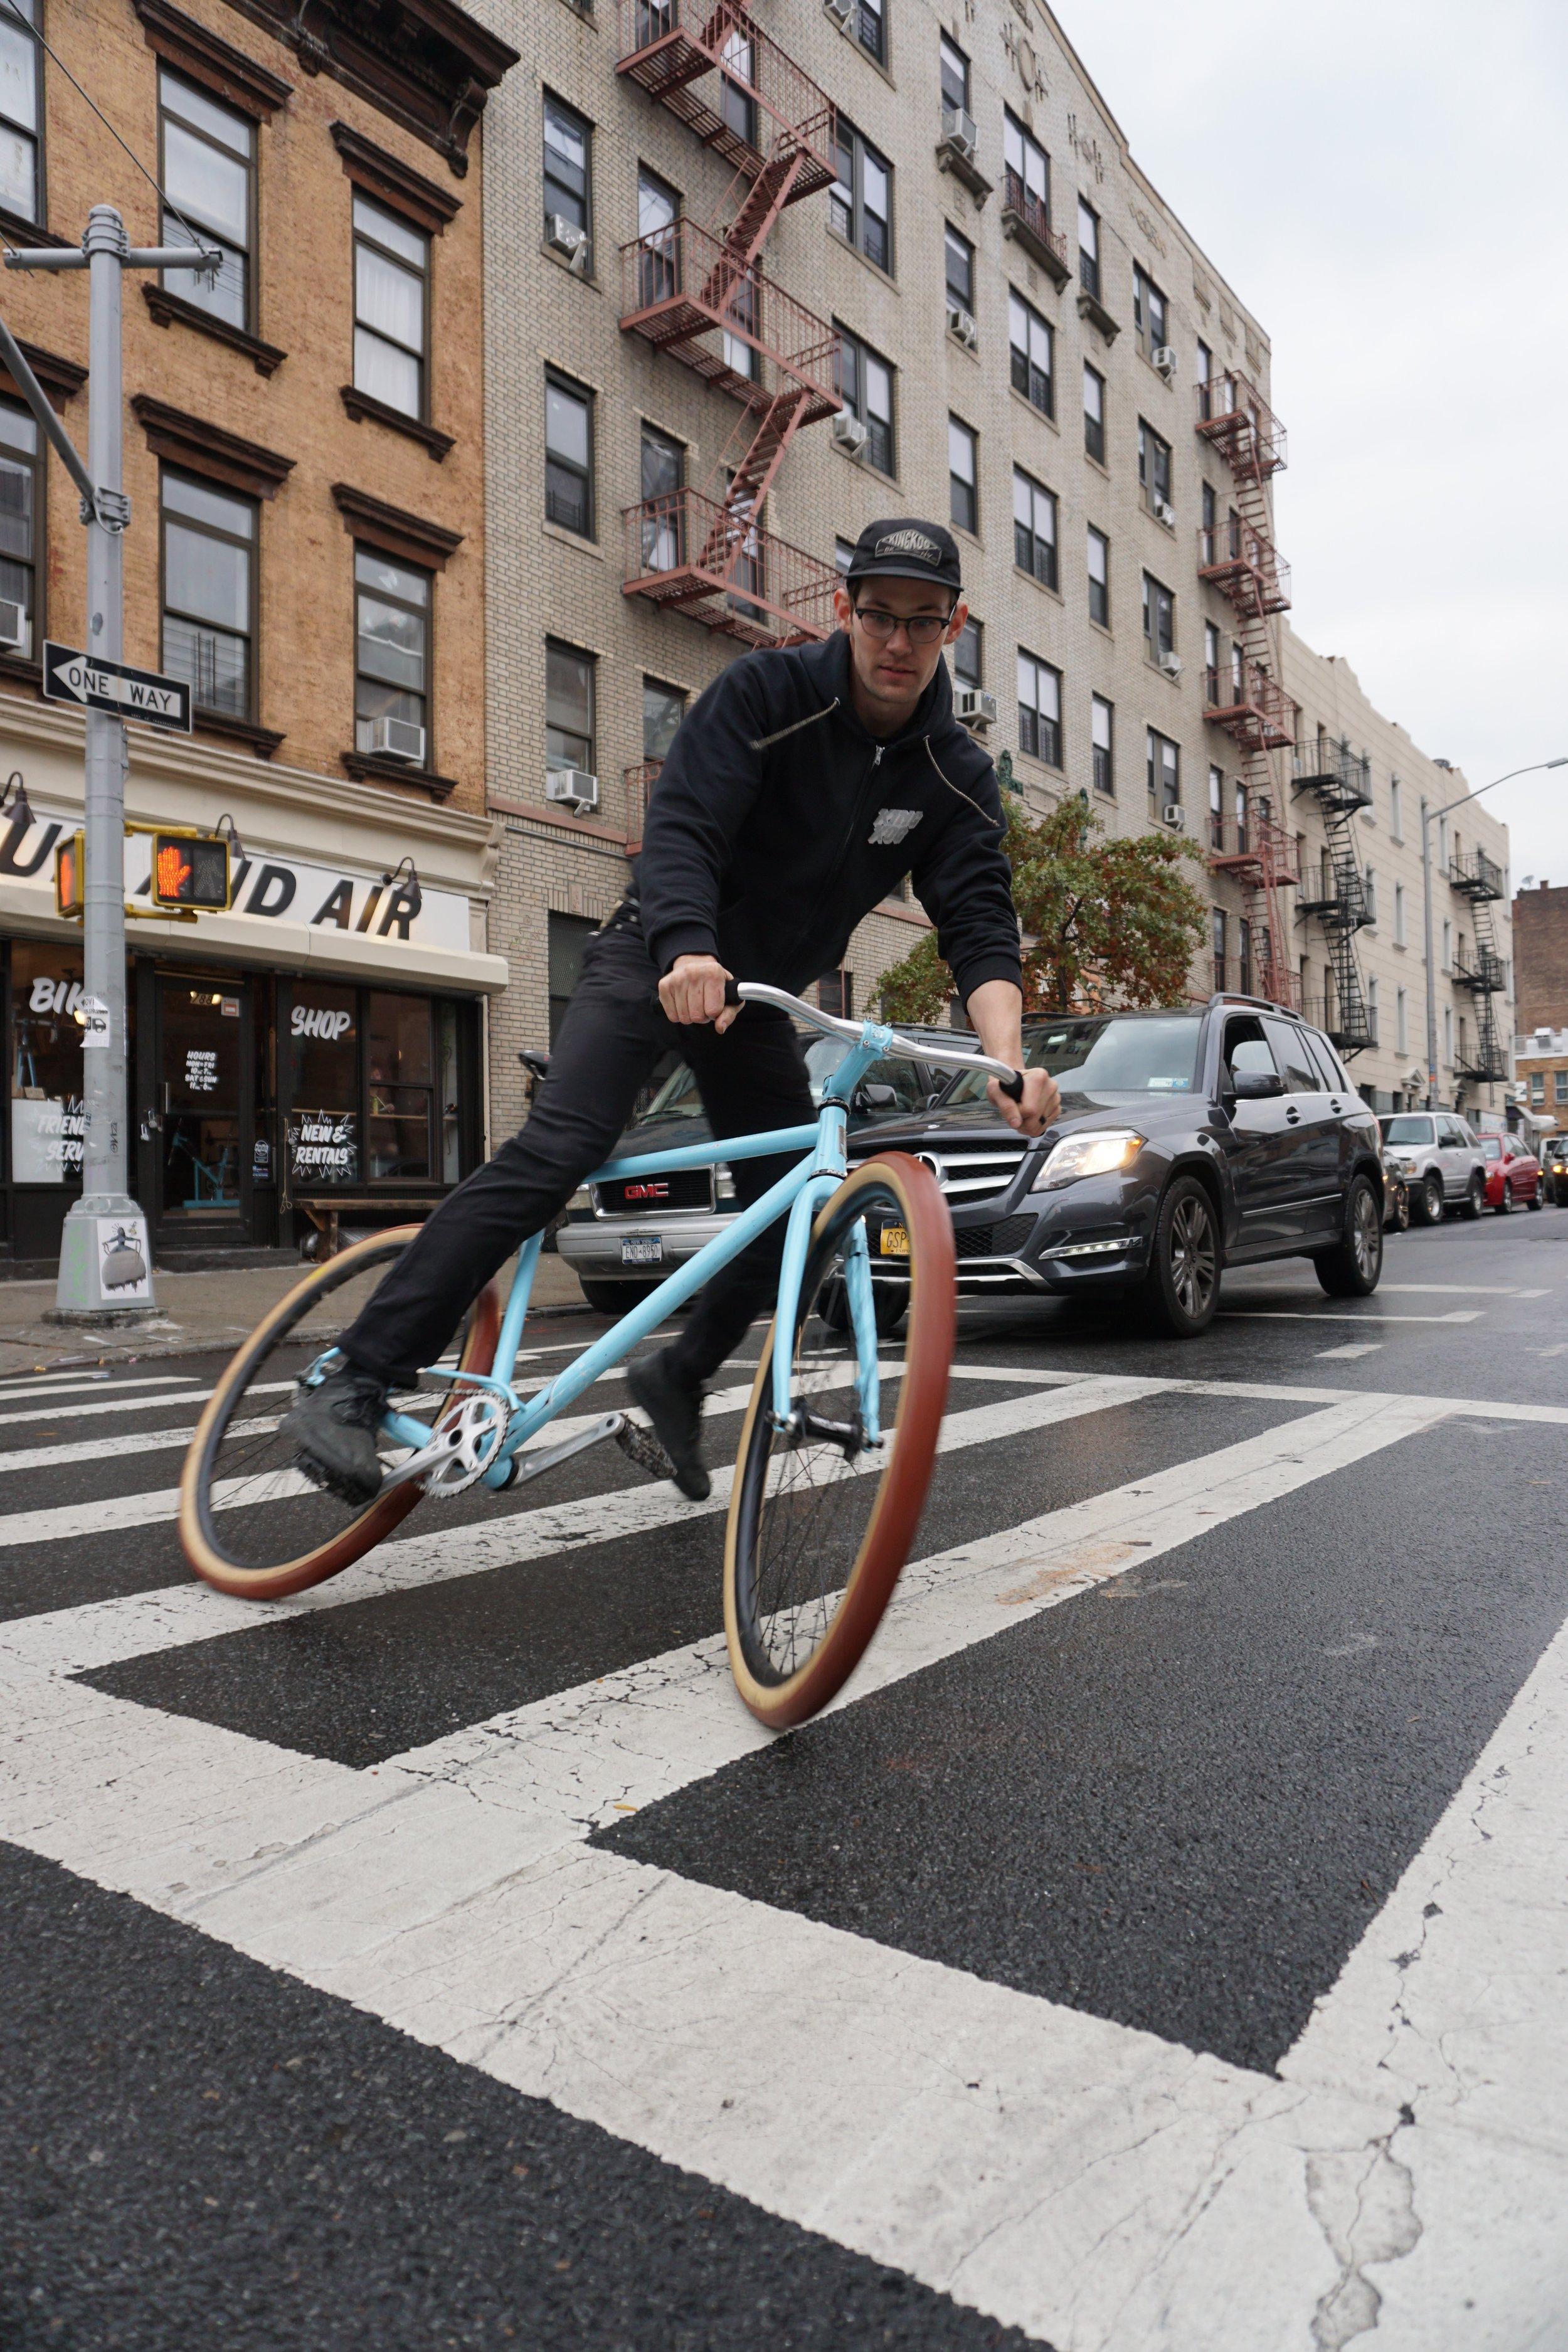 speedvagen-urbanracer-skid-newyork.jpg